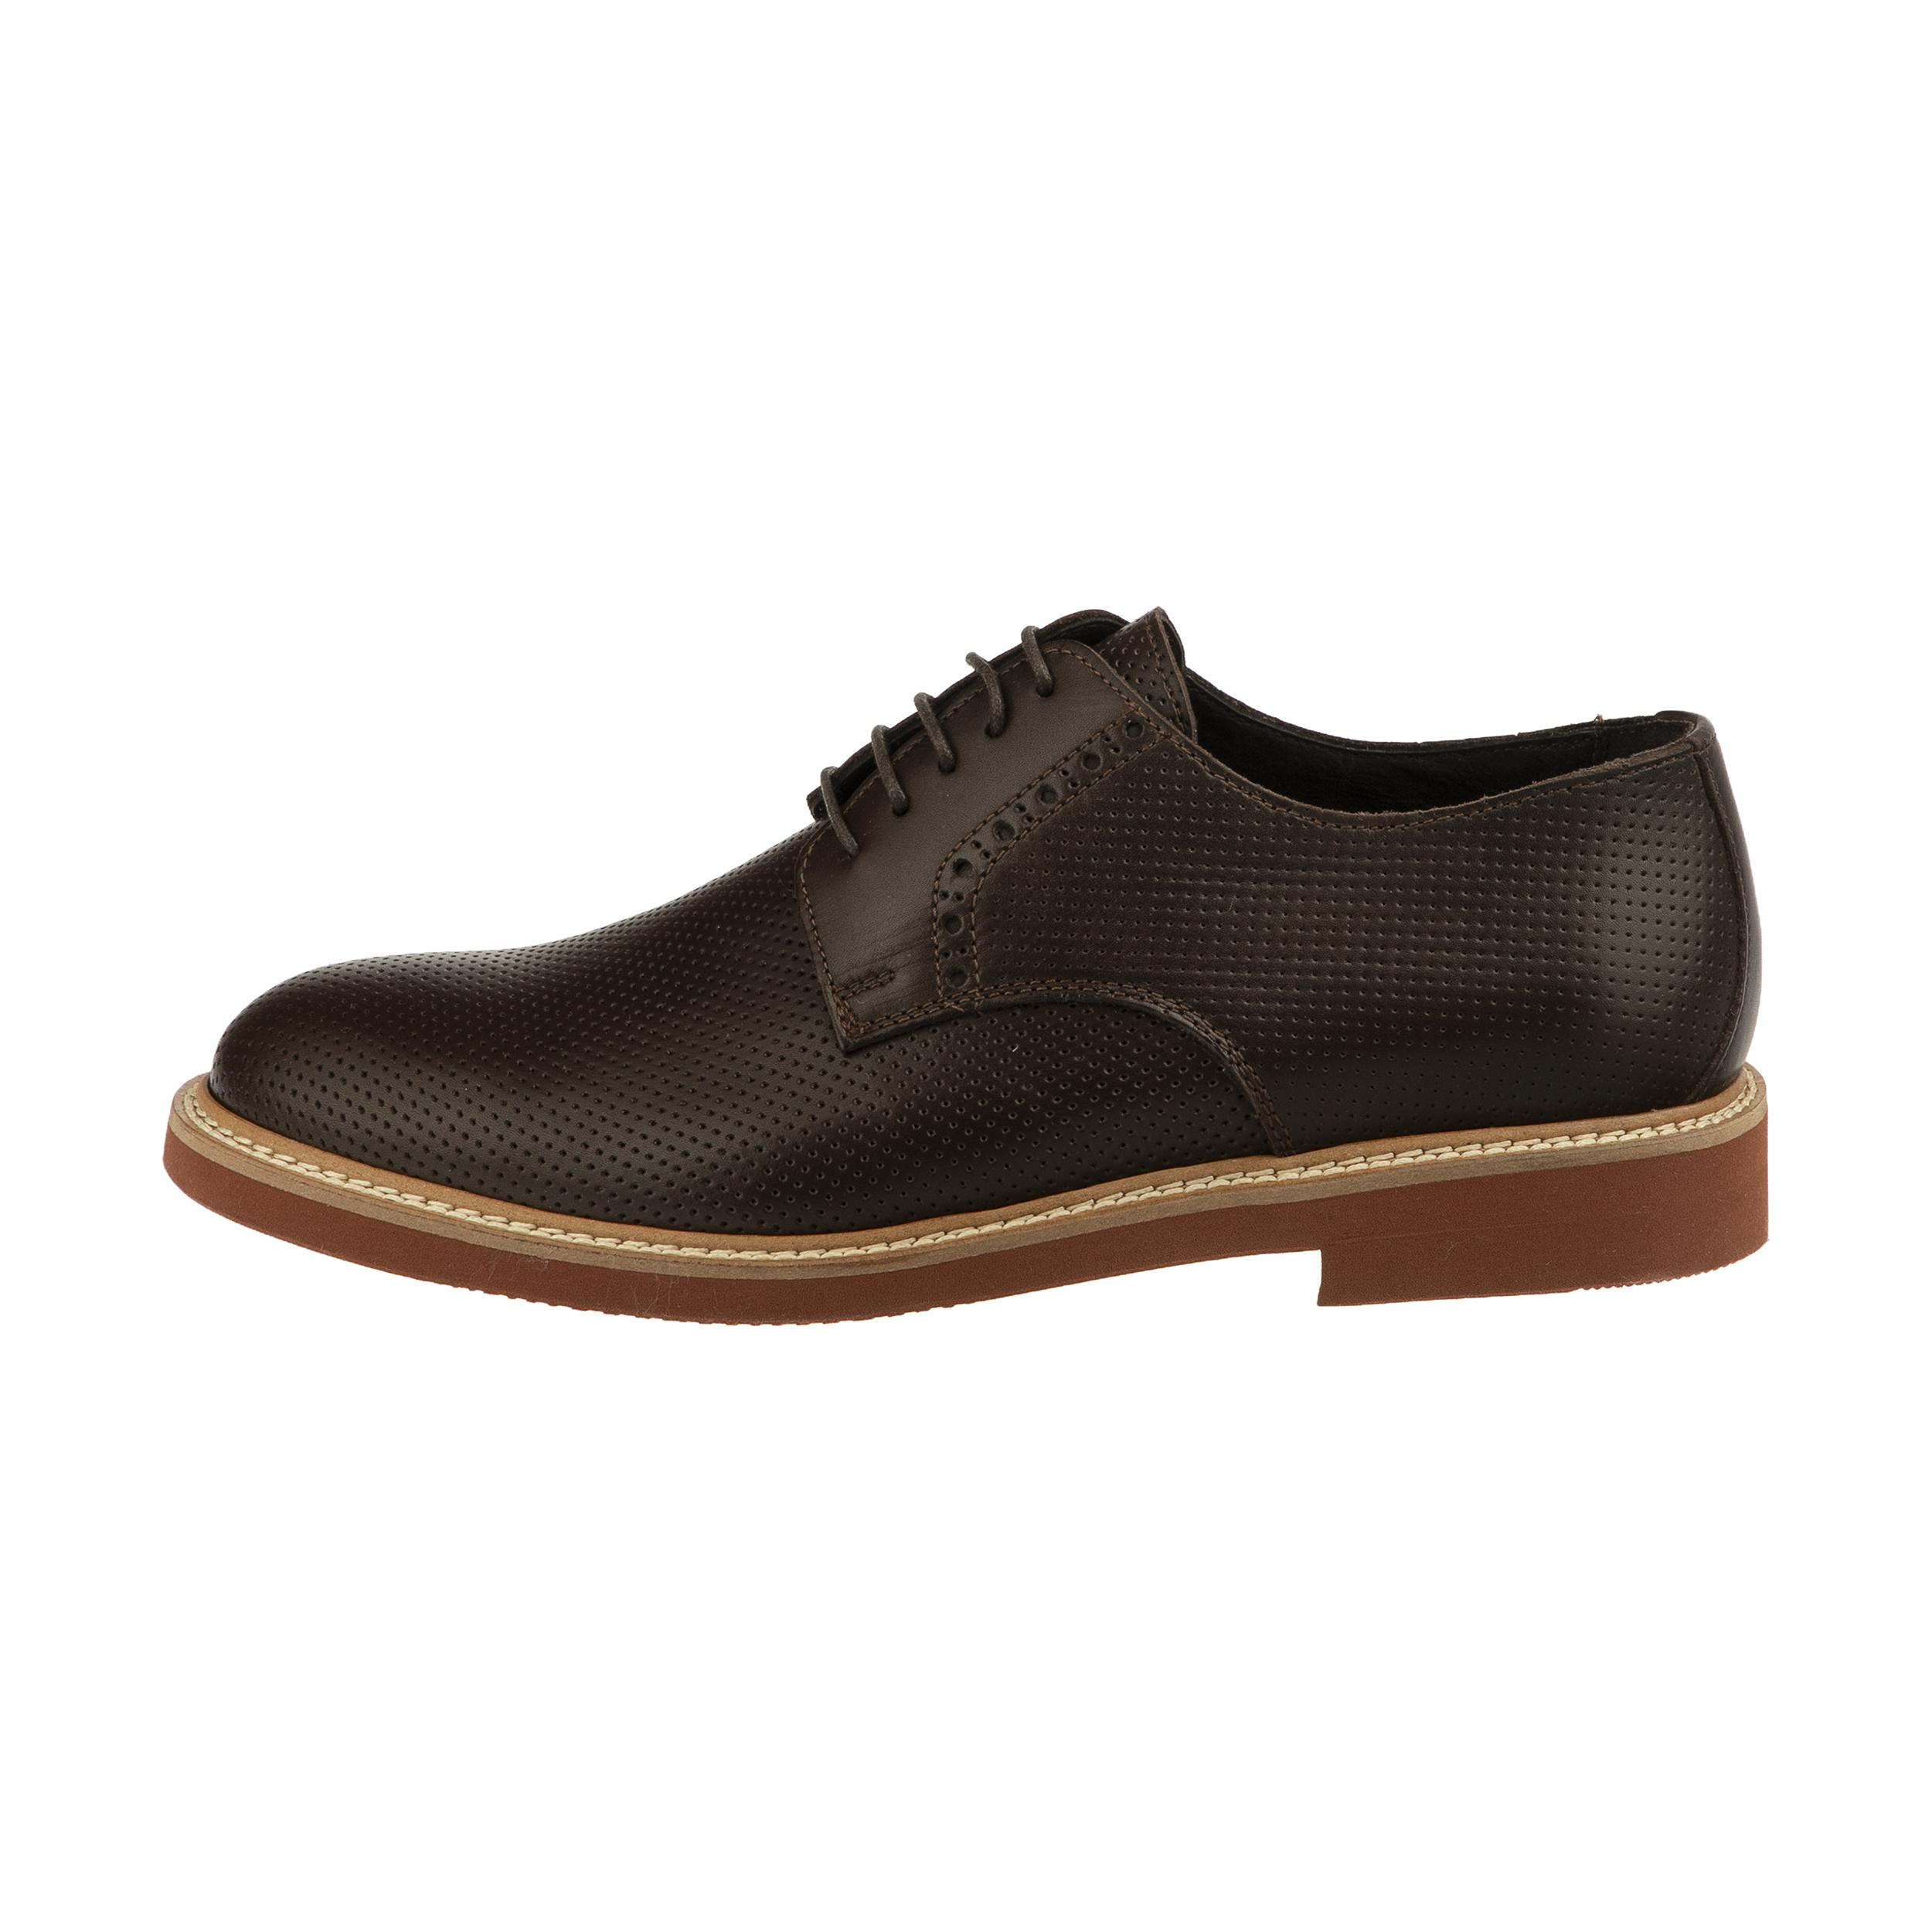 کفش روزمره مردانه جاس مدل 220-Vitello TM Forato